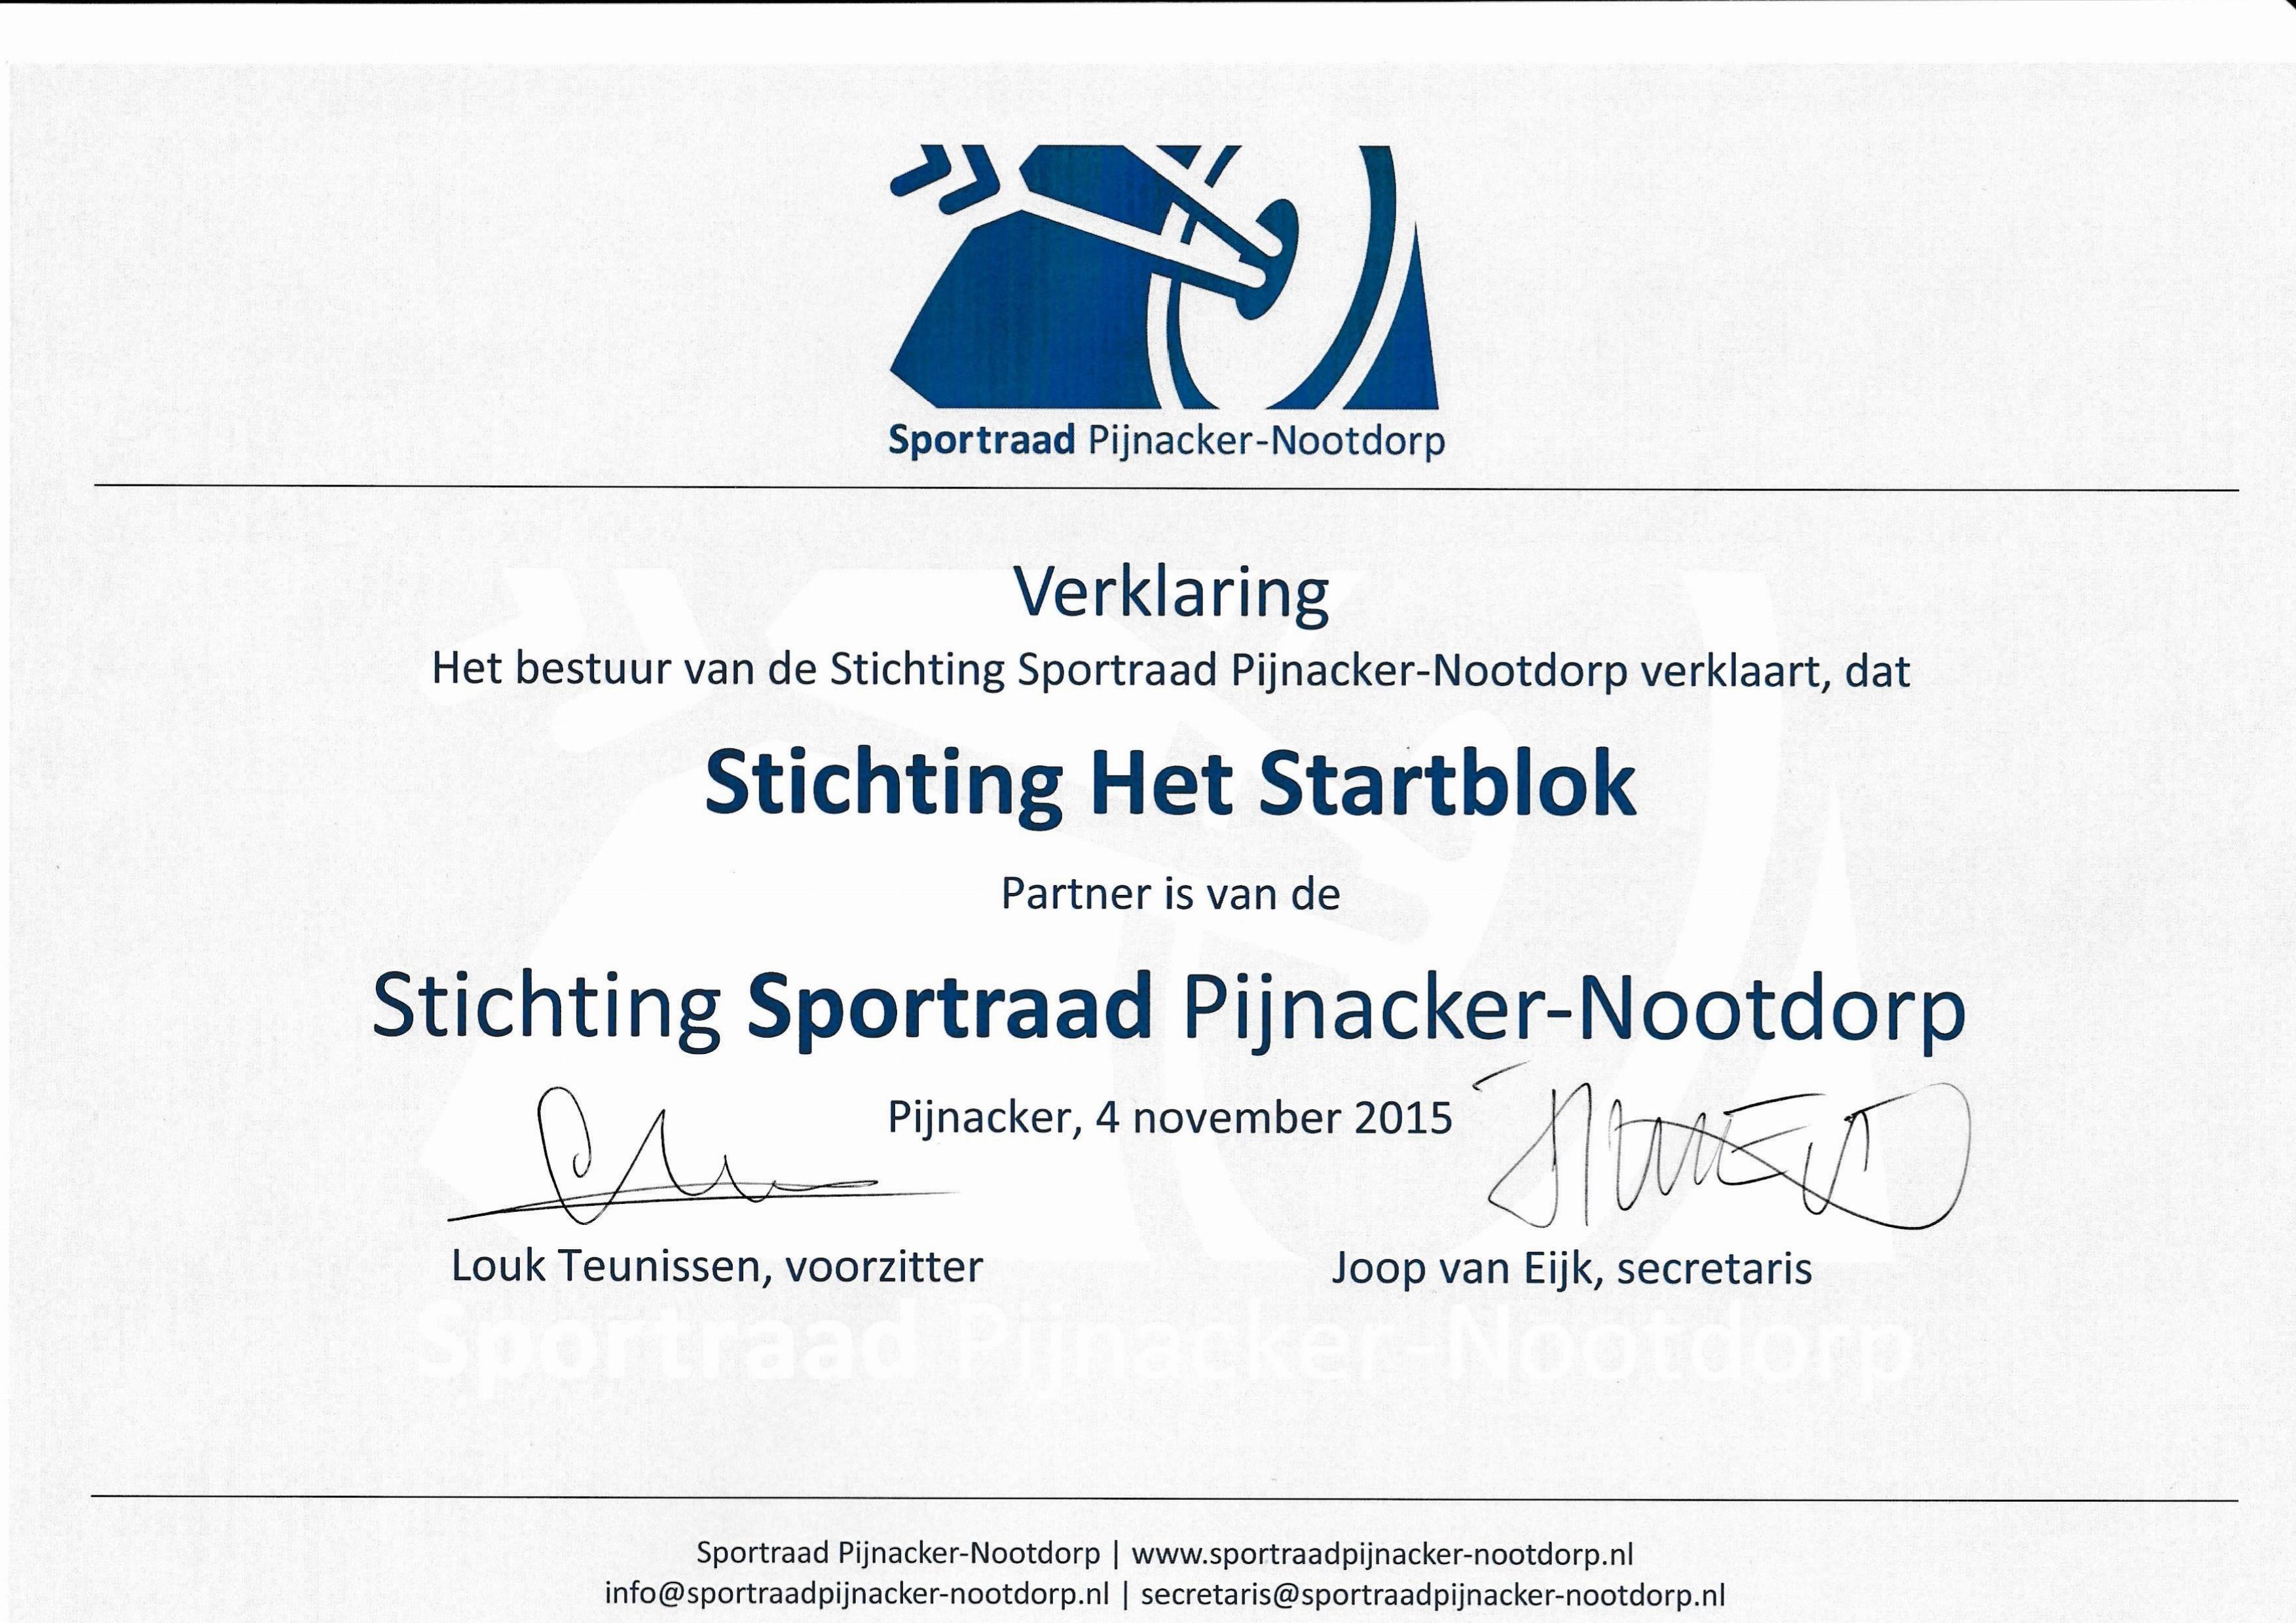 Stichting Sportraad Pijnacker Nootdorp